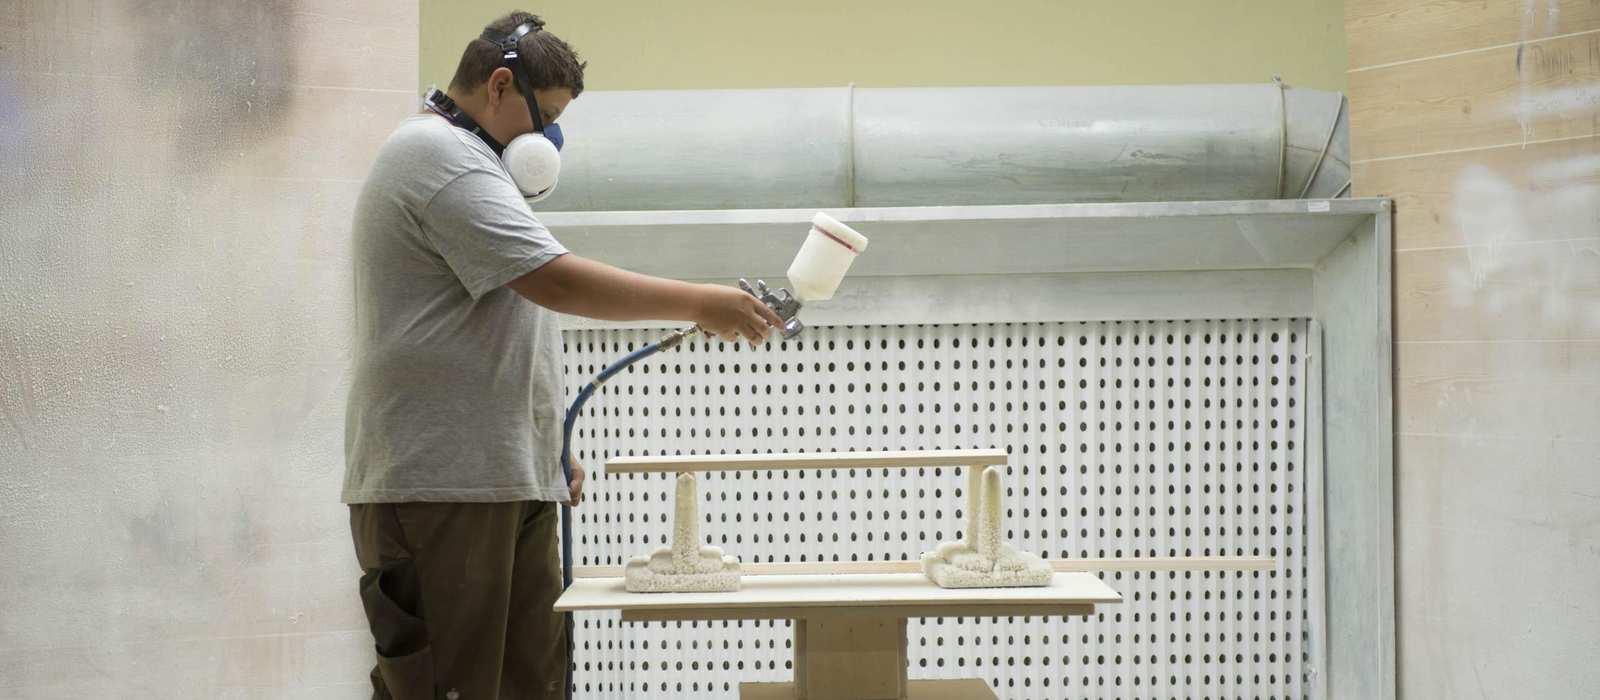 Ein Mann besprüht ein Werkstück mit Imprägniermittel. Er trägt eine Atemmaske.